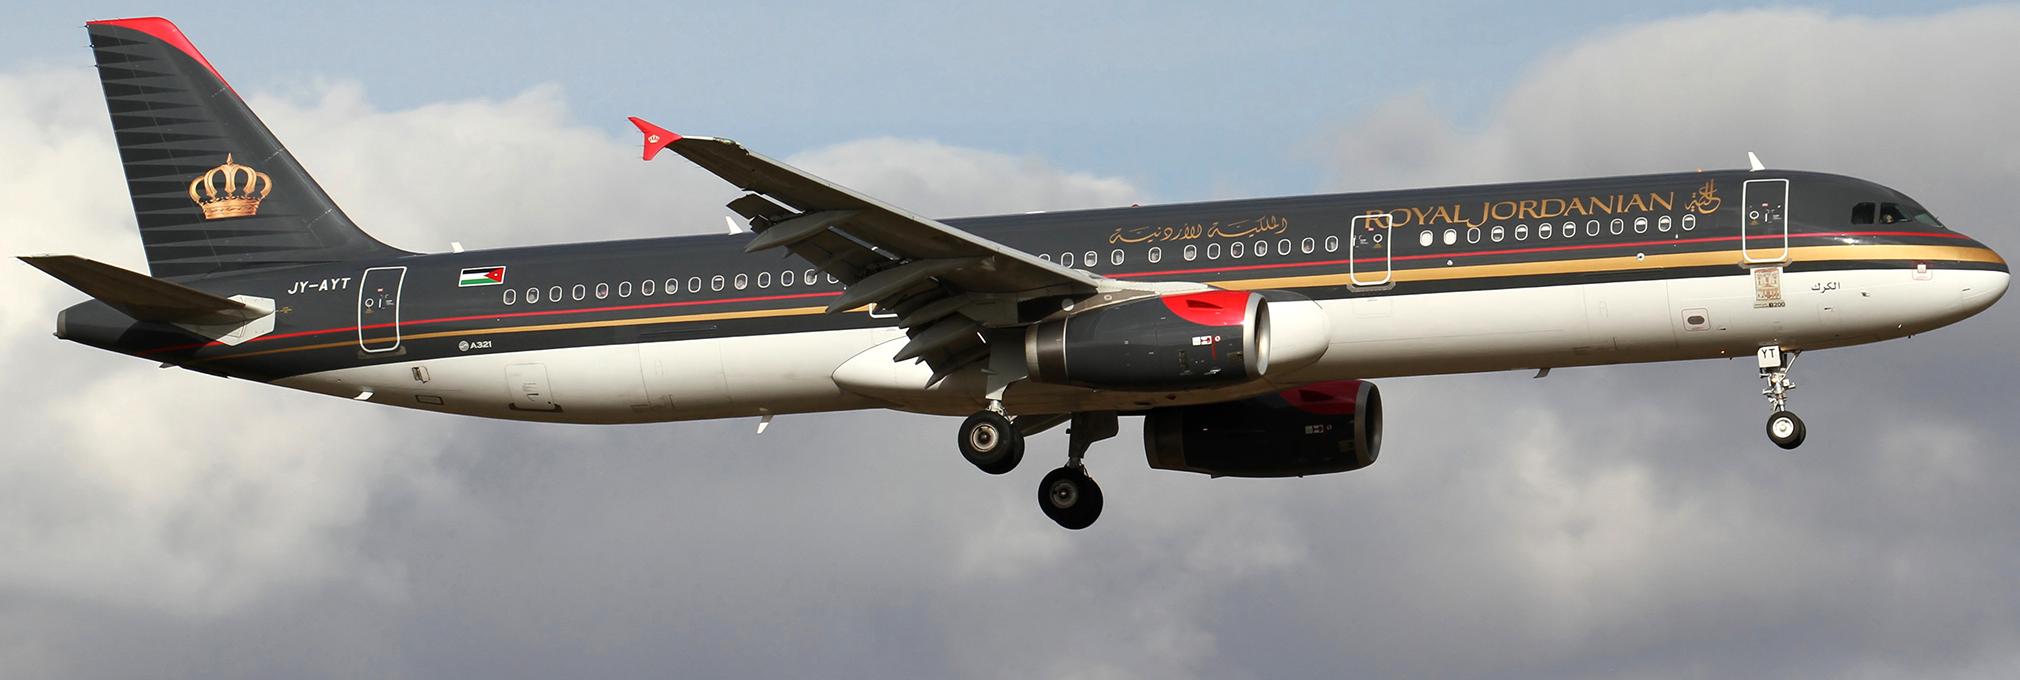 Beoordelingen en vluchten van Royal Jordanian - TripAdvisor